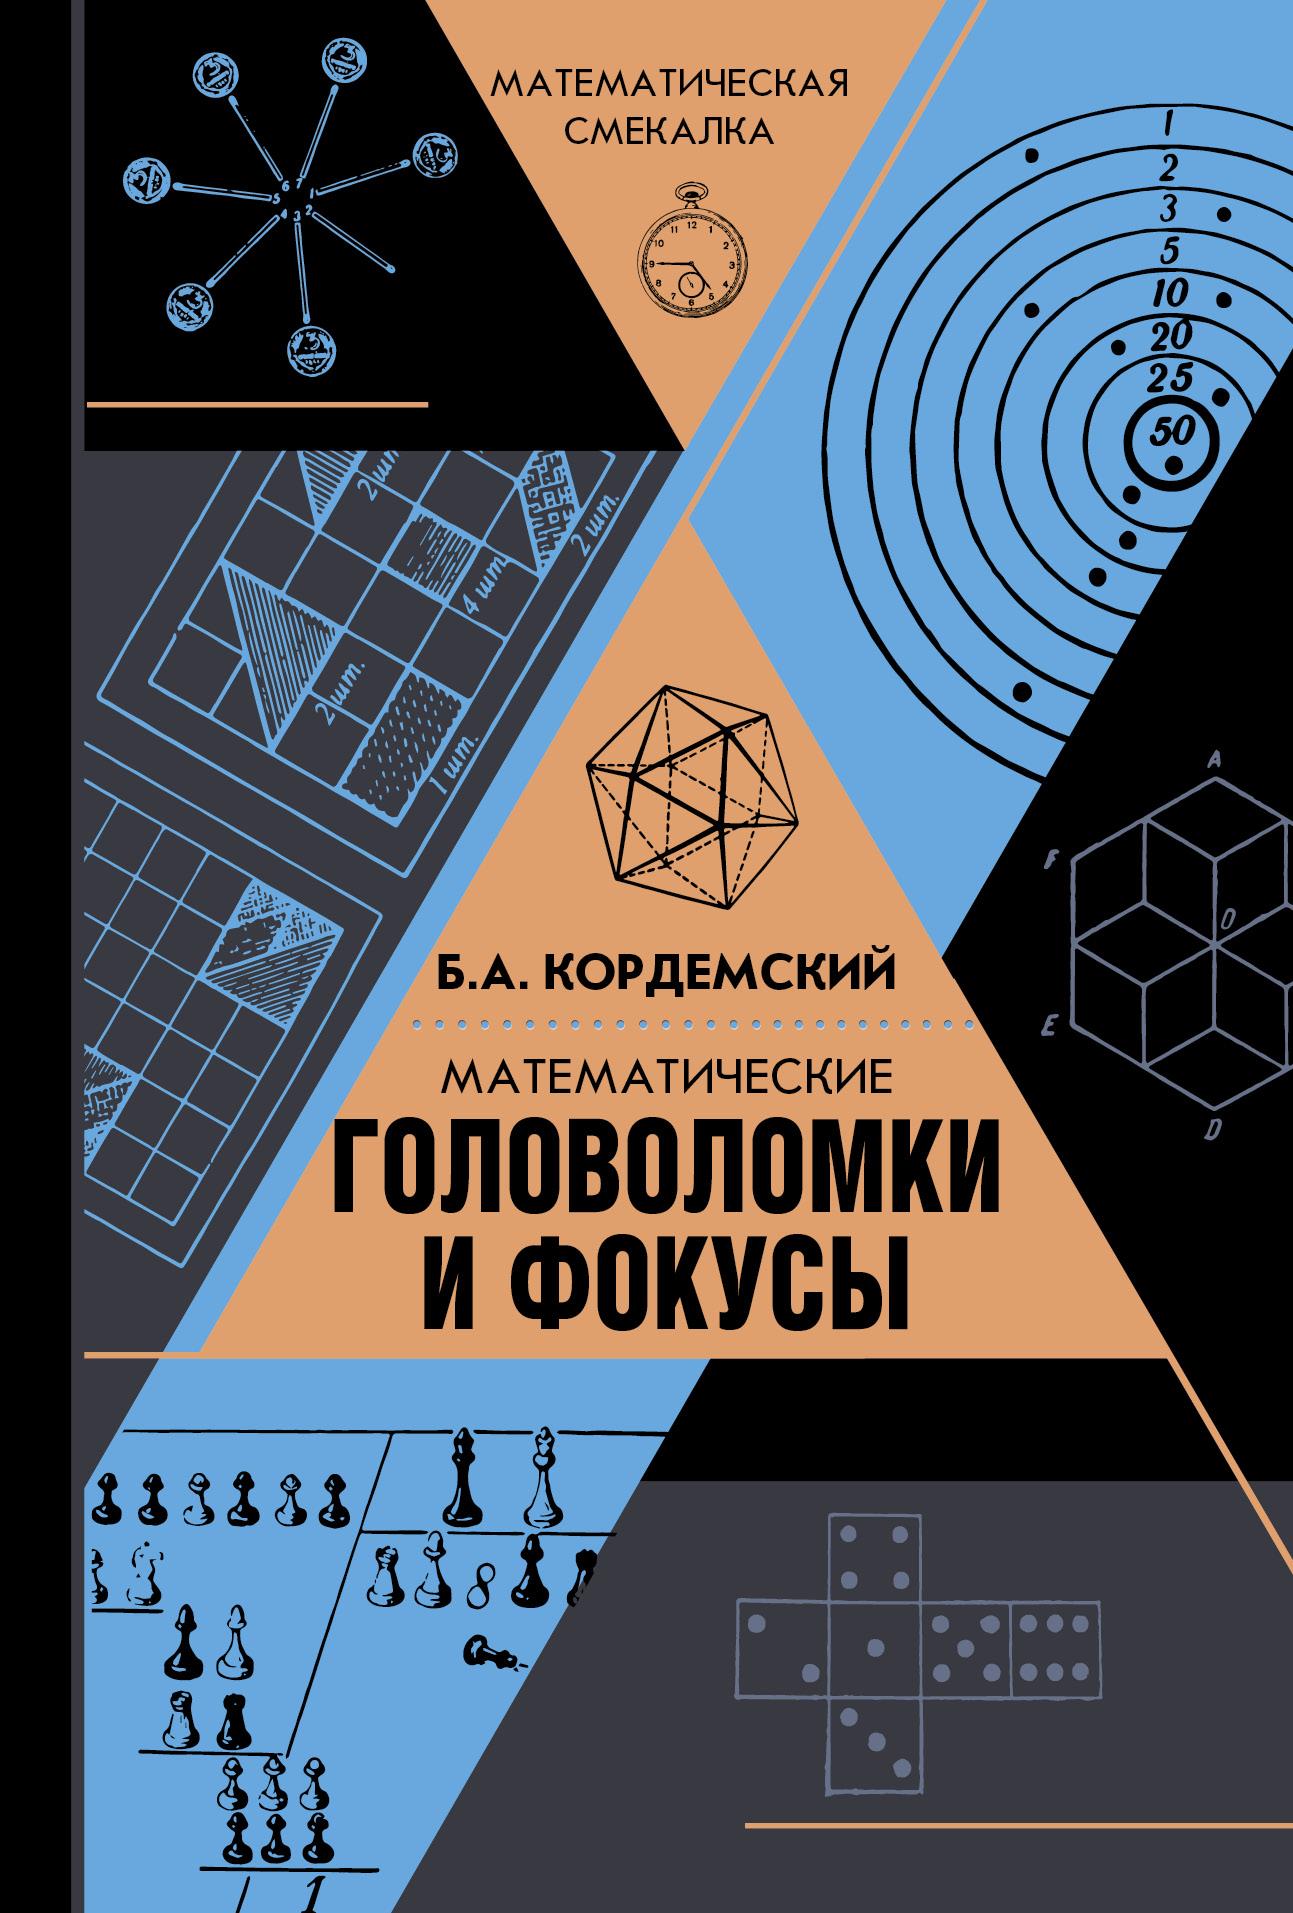 Математические головоломки и фокусы ( Кордемский Б.А.  )